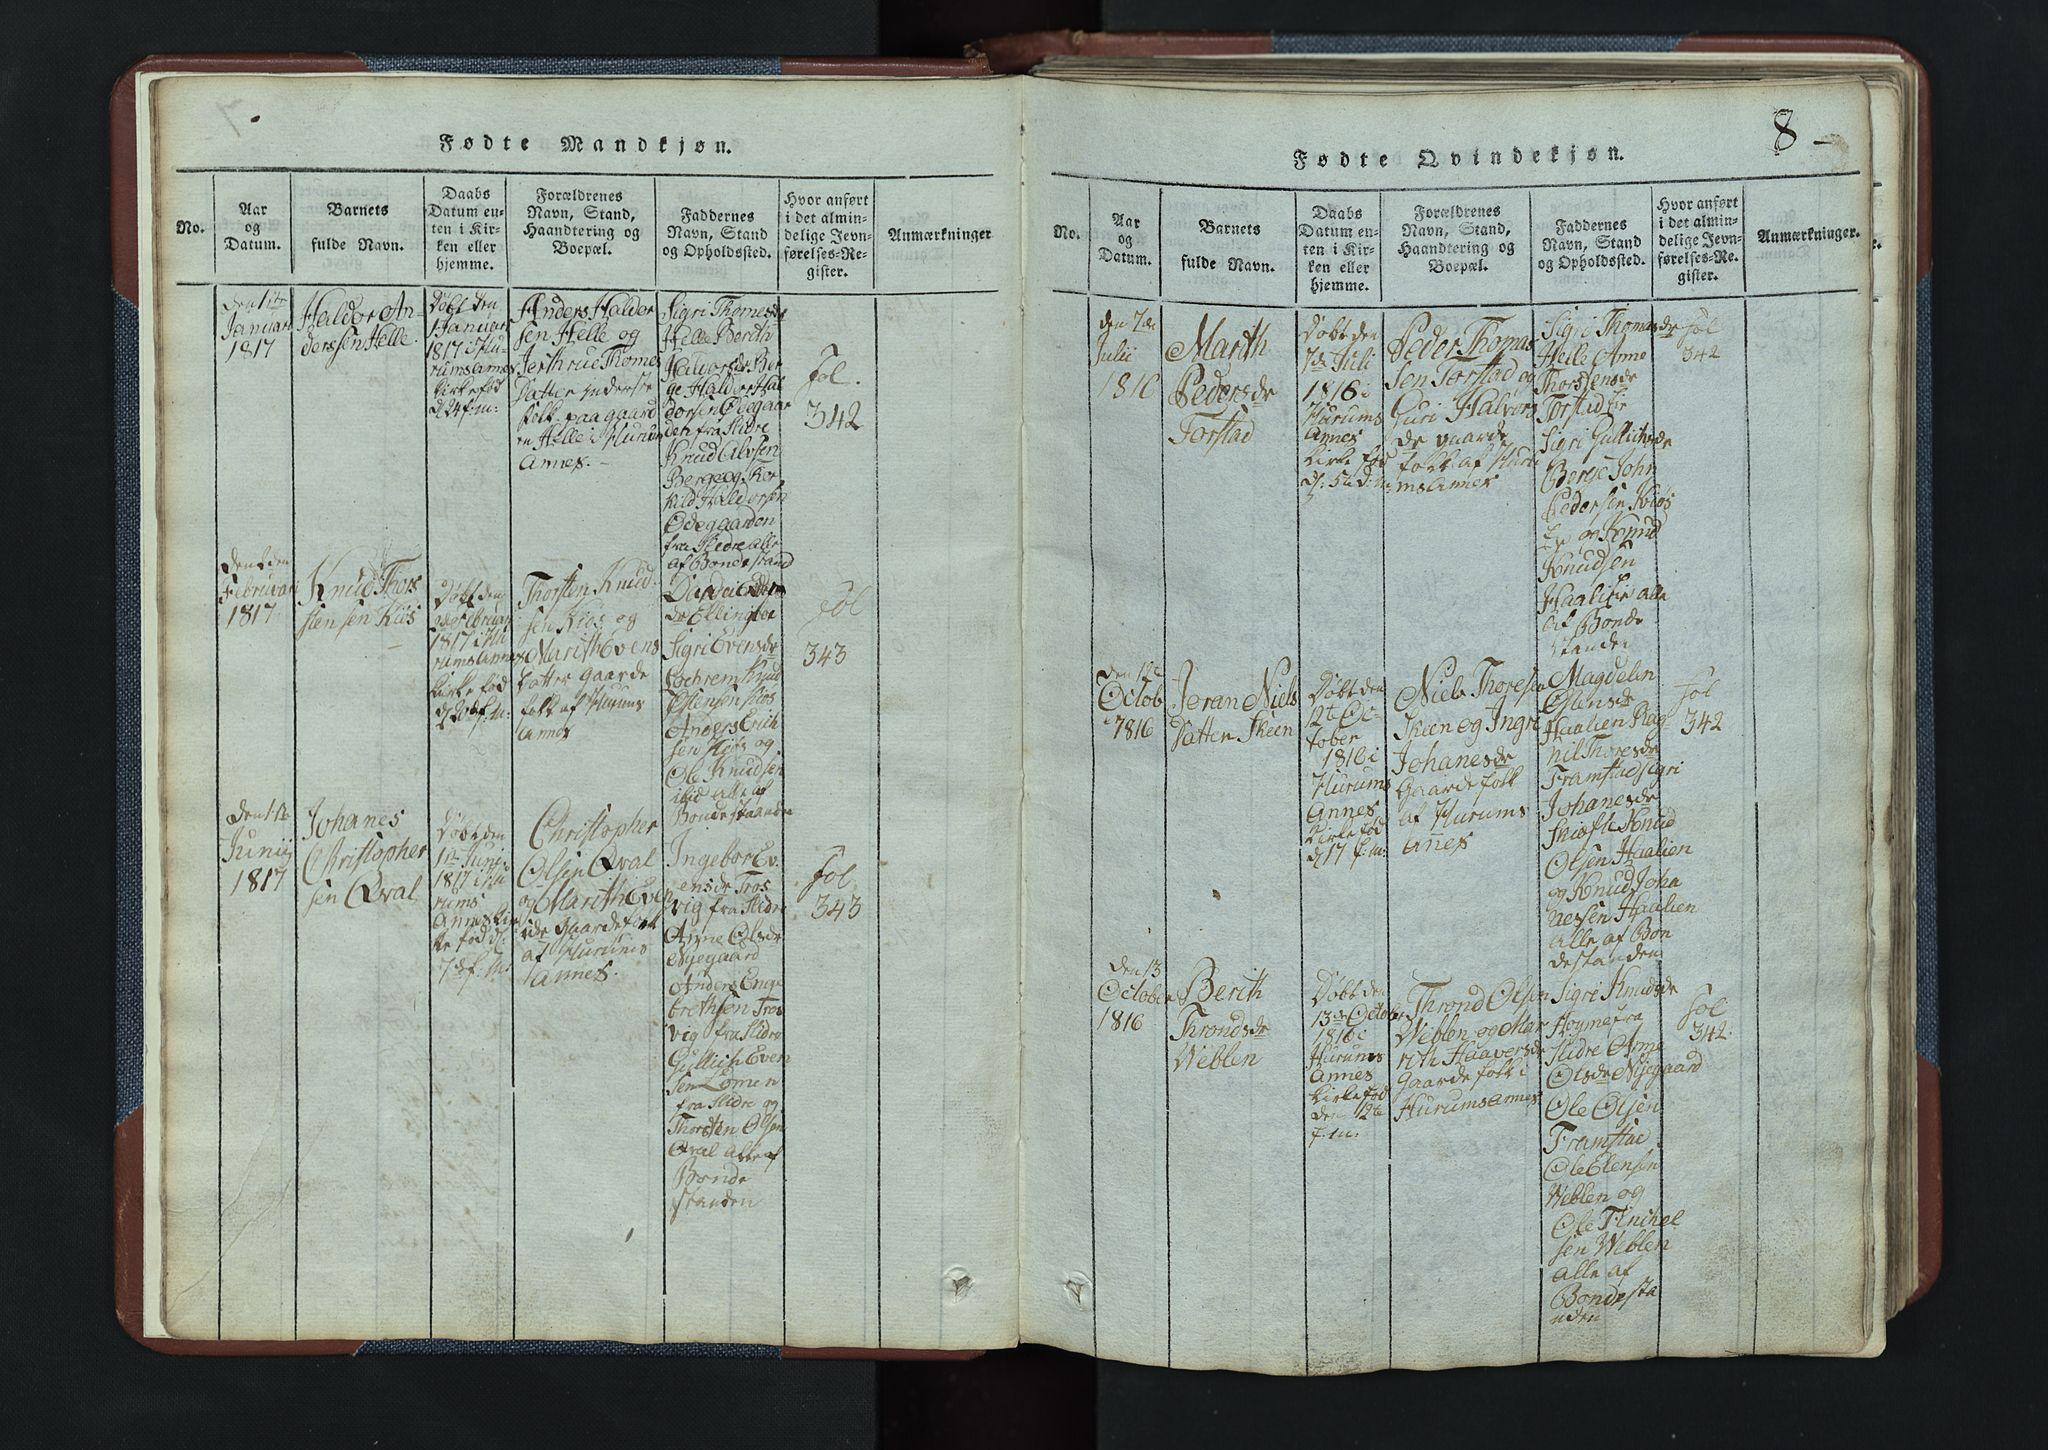 SAH, Vang prestekontor, Valdres, Klokkerbok nr. 3, 1814-1892, s. 8